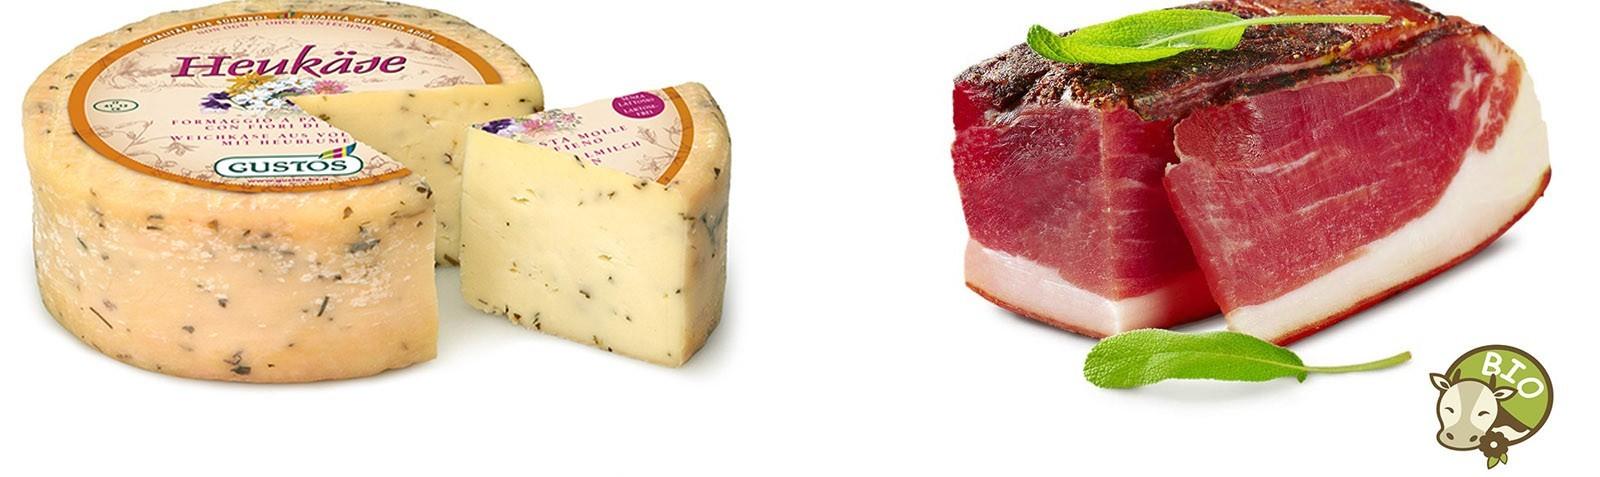 Prodotti biologici dell'Alto Adige